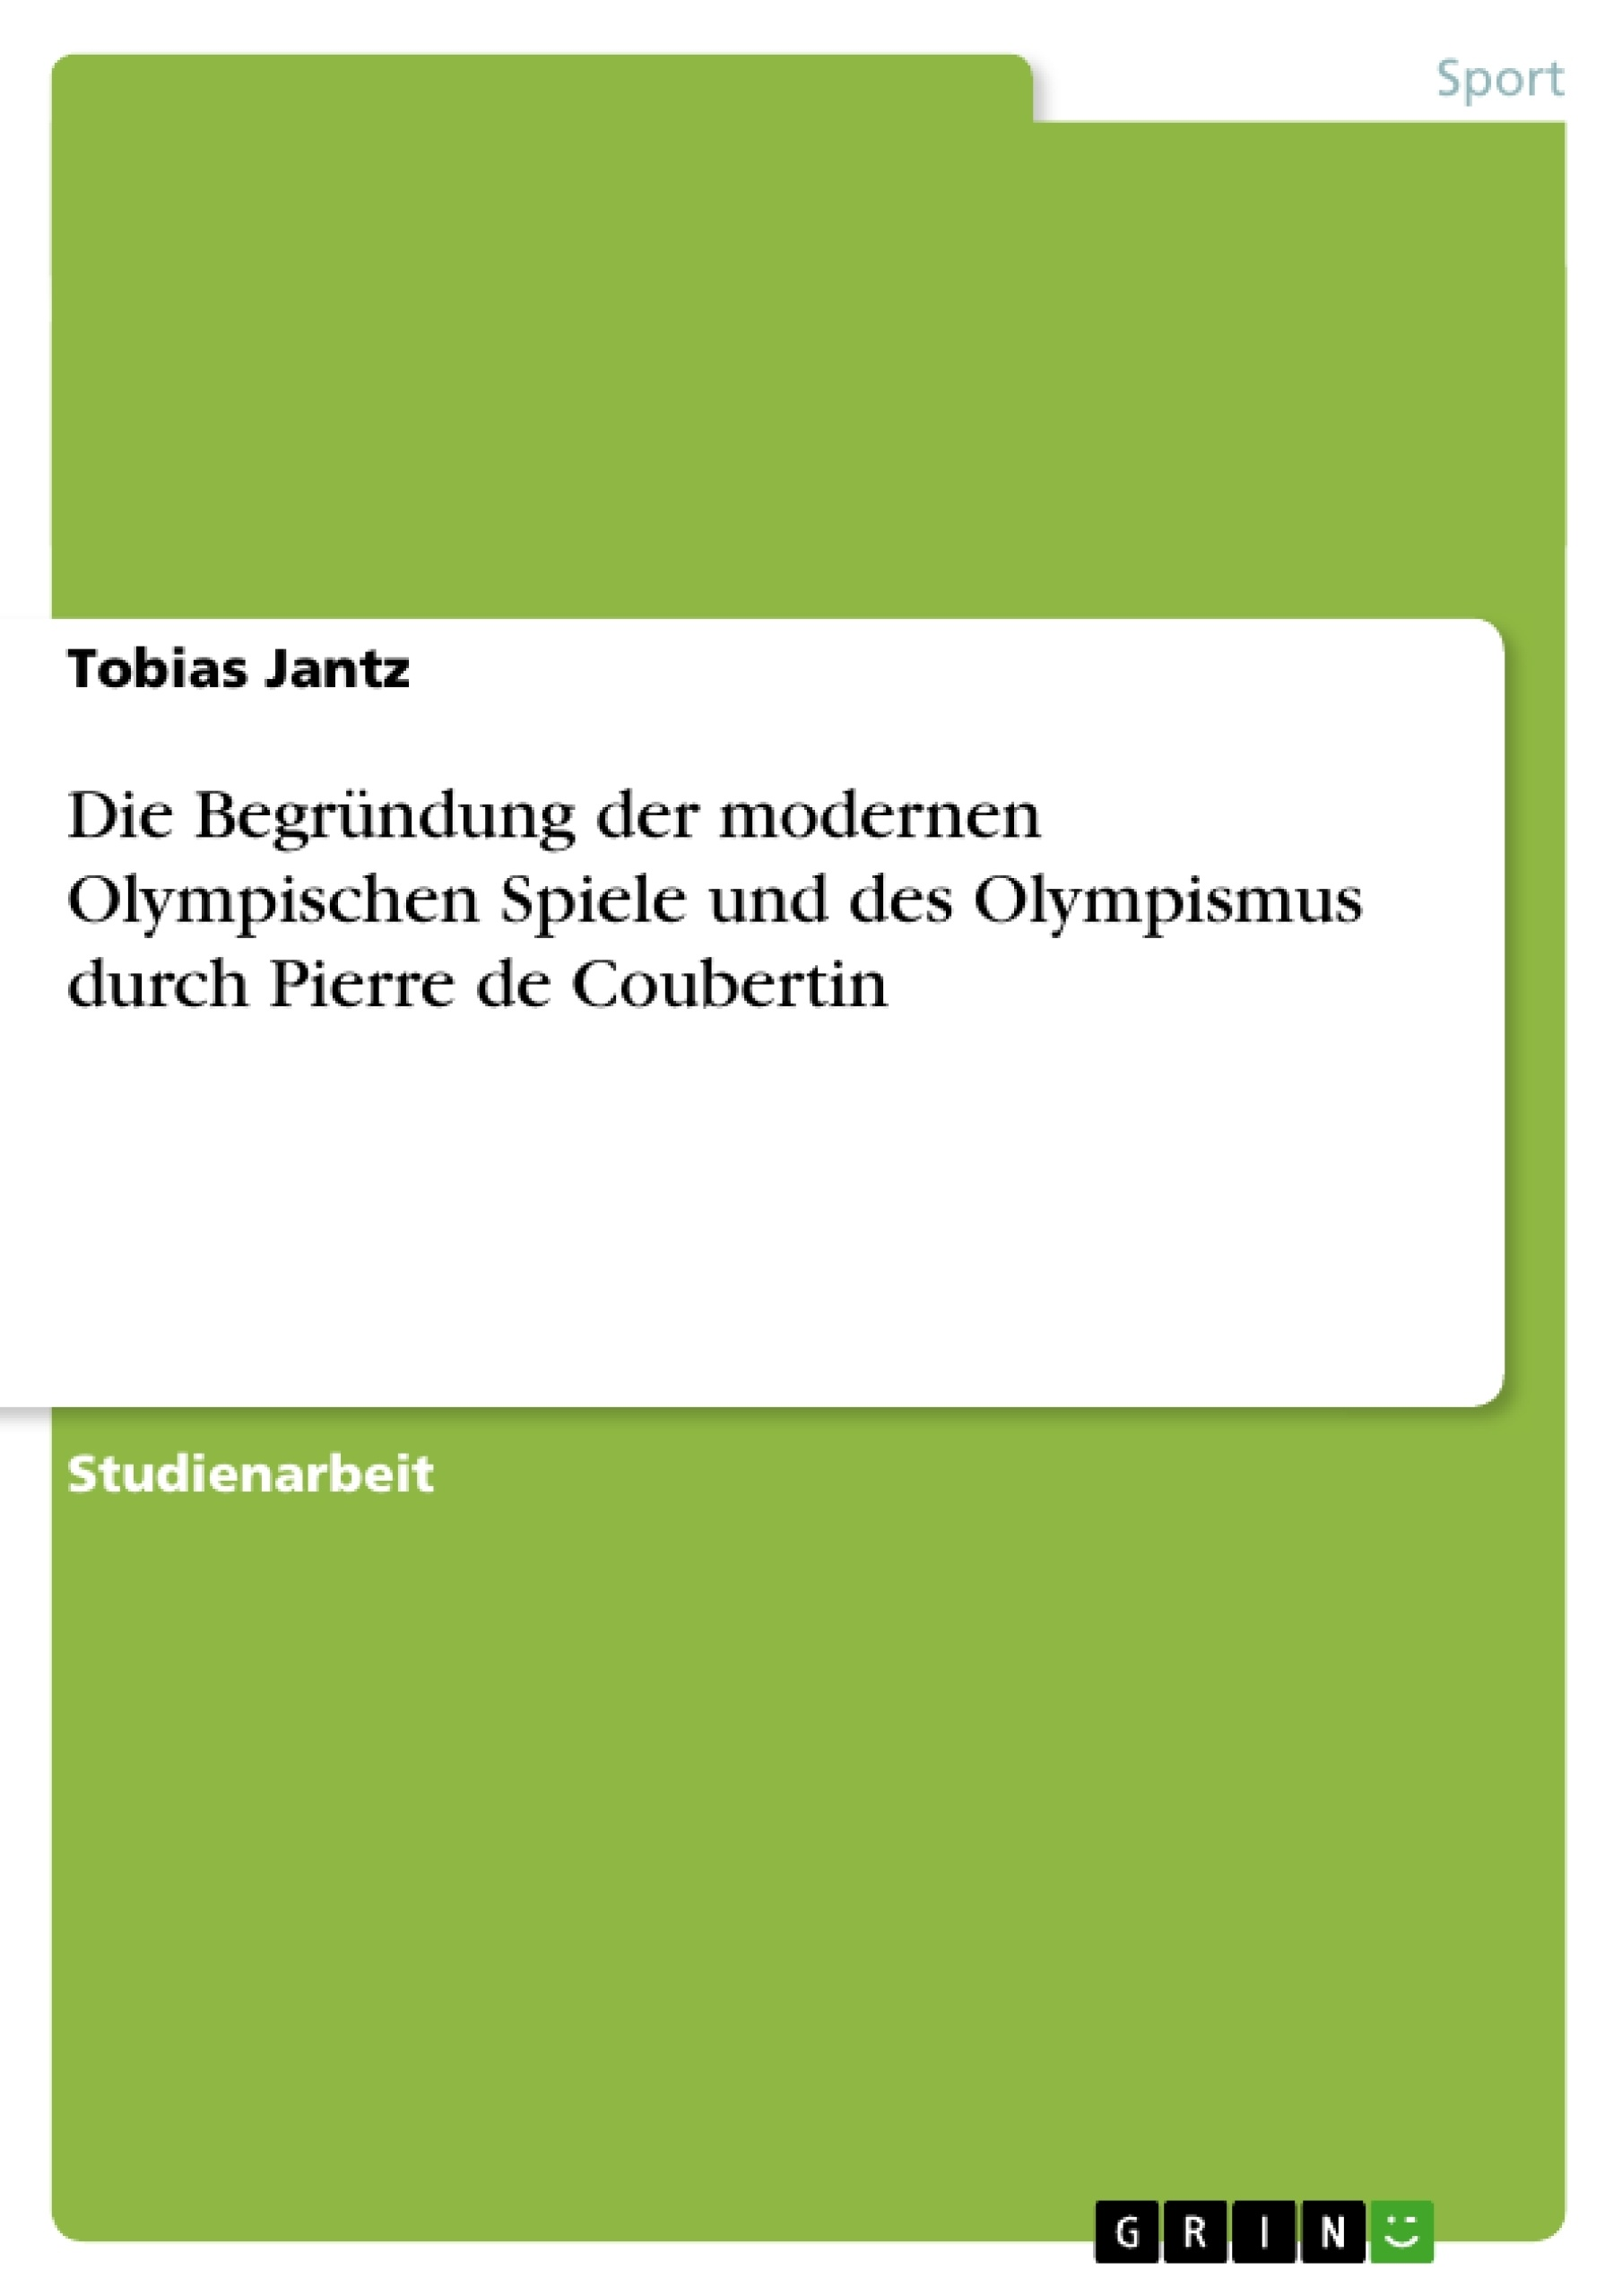 Titel: Die Begründung der modernen Olympischen Spiele und des Olympismus durch Pierre de Coubertin